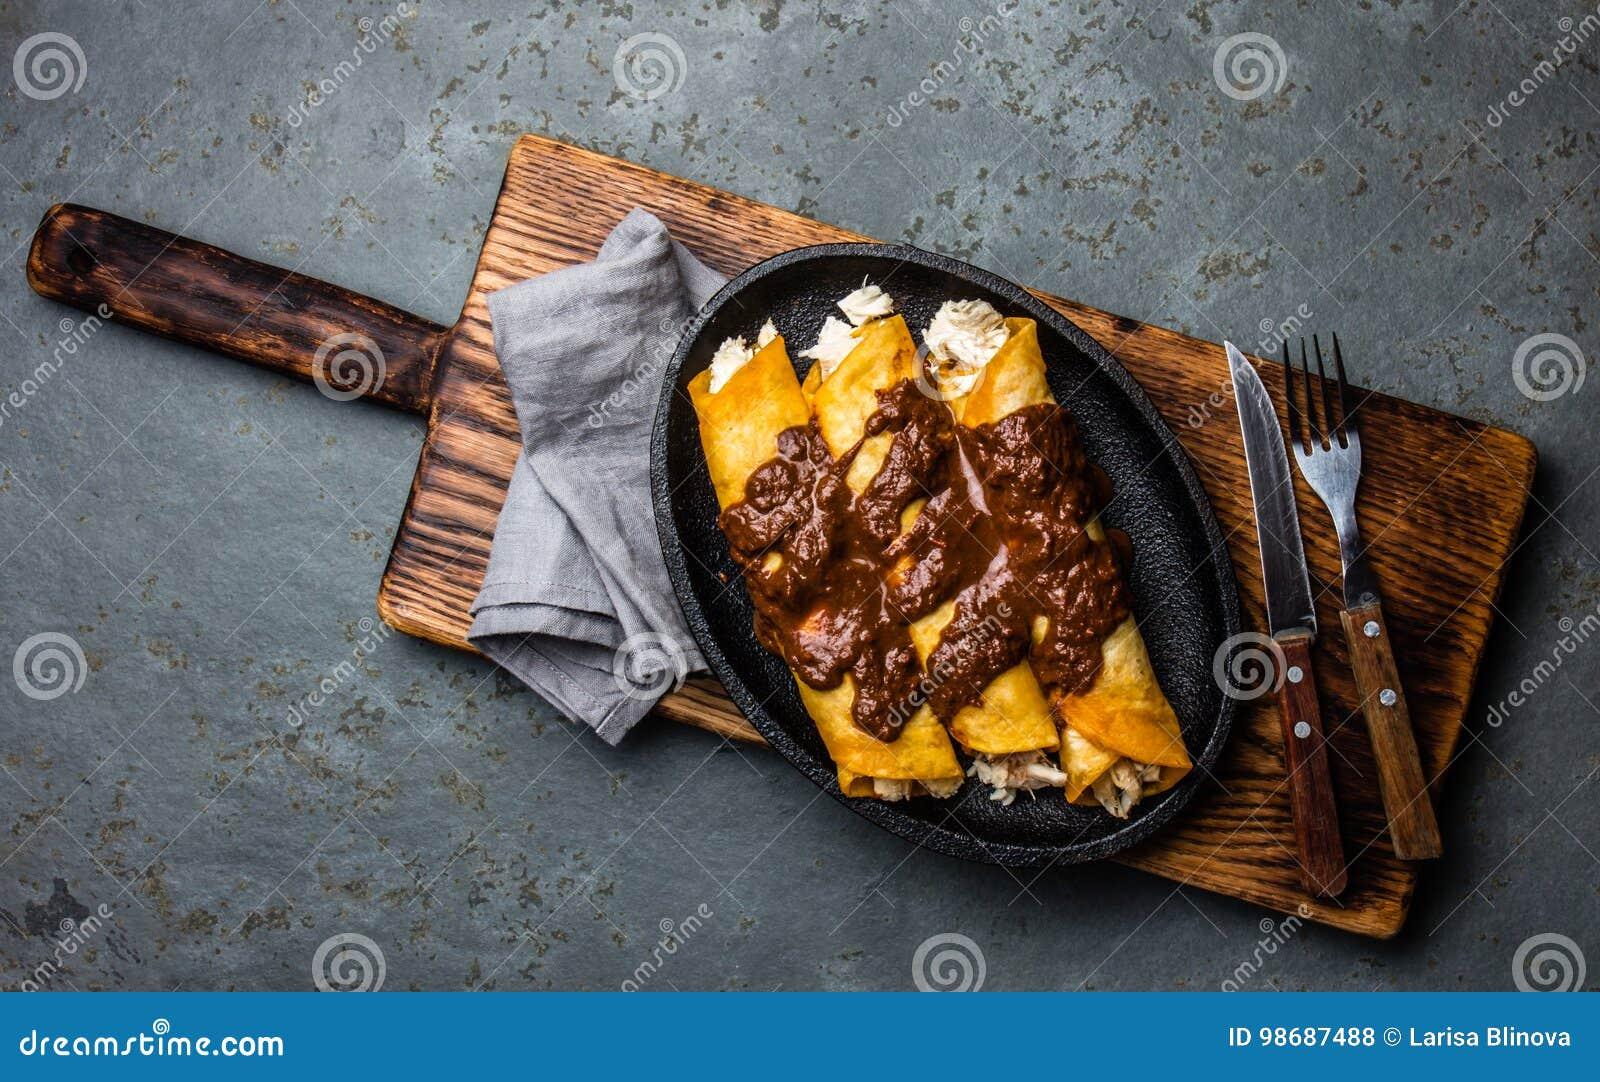 Tacos зеленого мексиканского соуса кухни пряный традиционный Традиционные мексиканские энчилада цыпленка с пряным poblano моли са